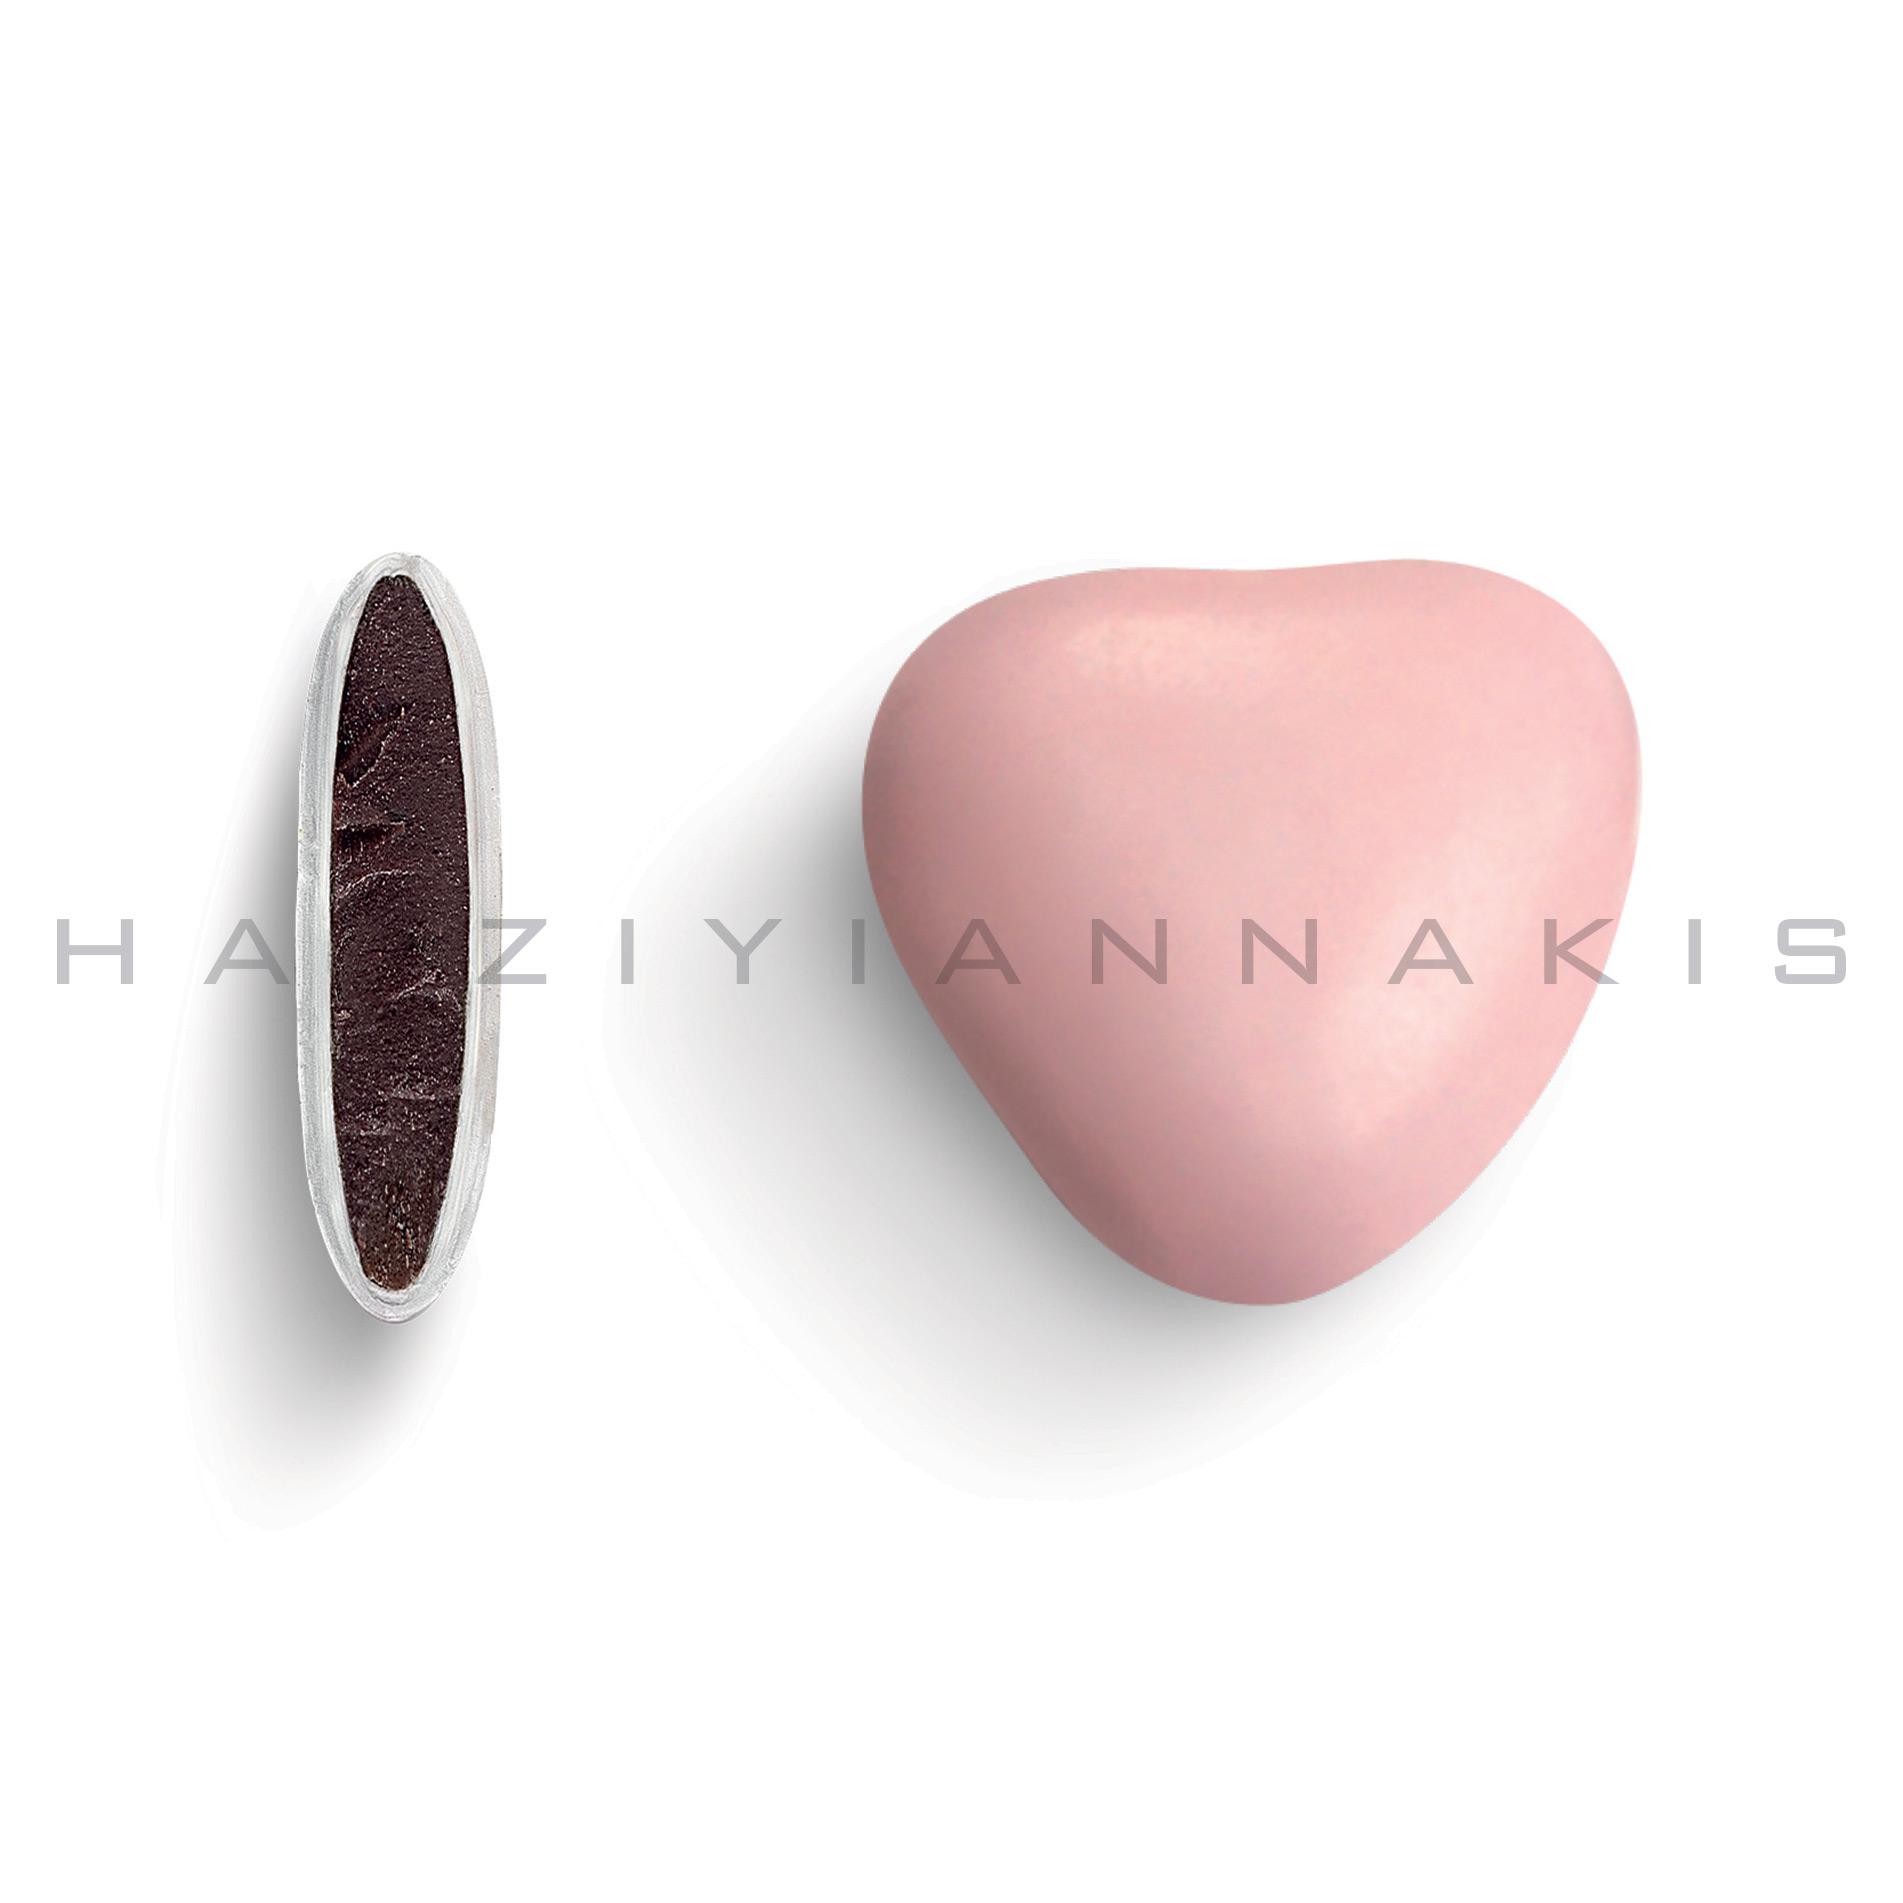 Καρδιά μεσαία χρώμα ροζ ανοιχτό ματ